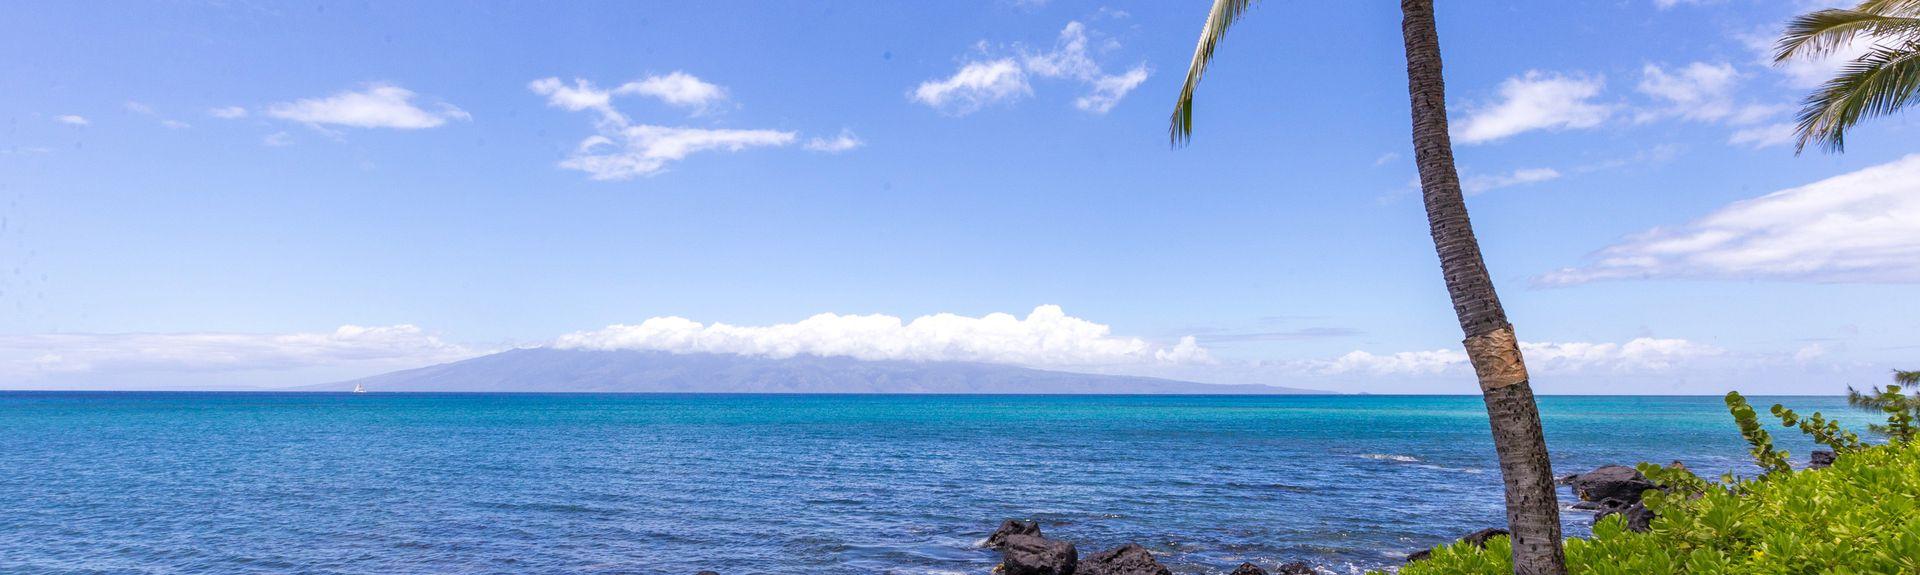 Mahina Surf (Kahana (Maui), Hawaï, Verenigde Staten)